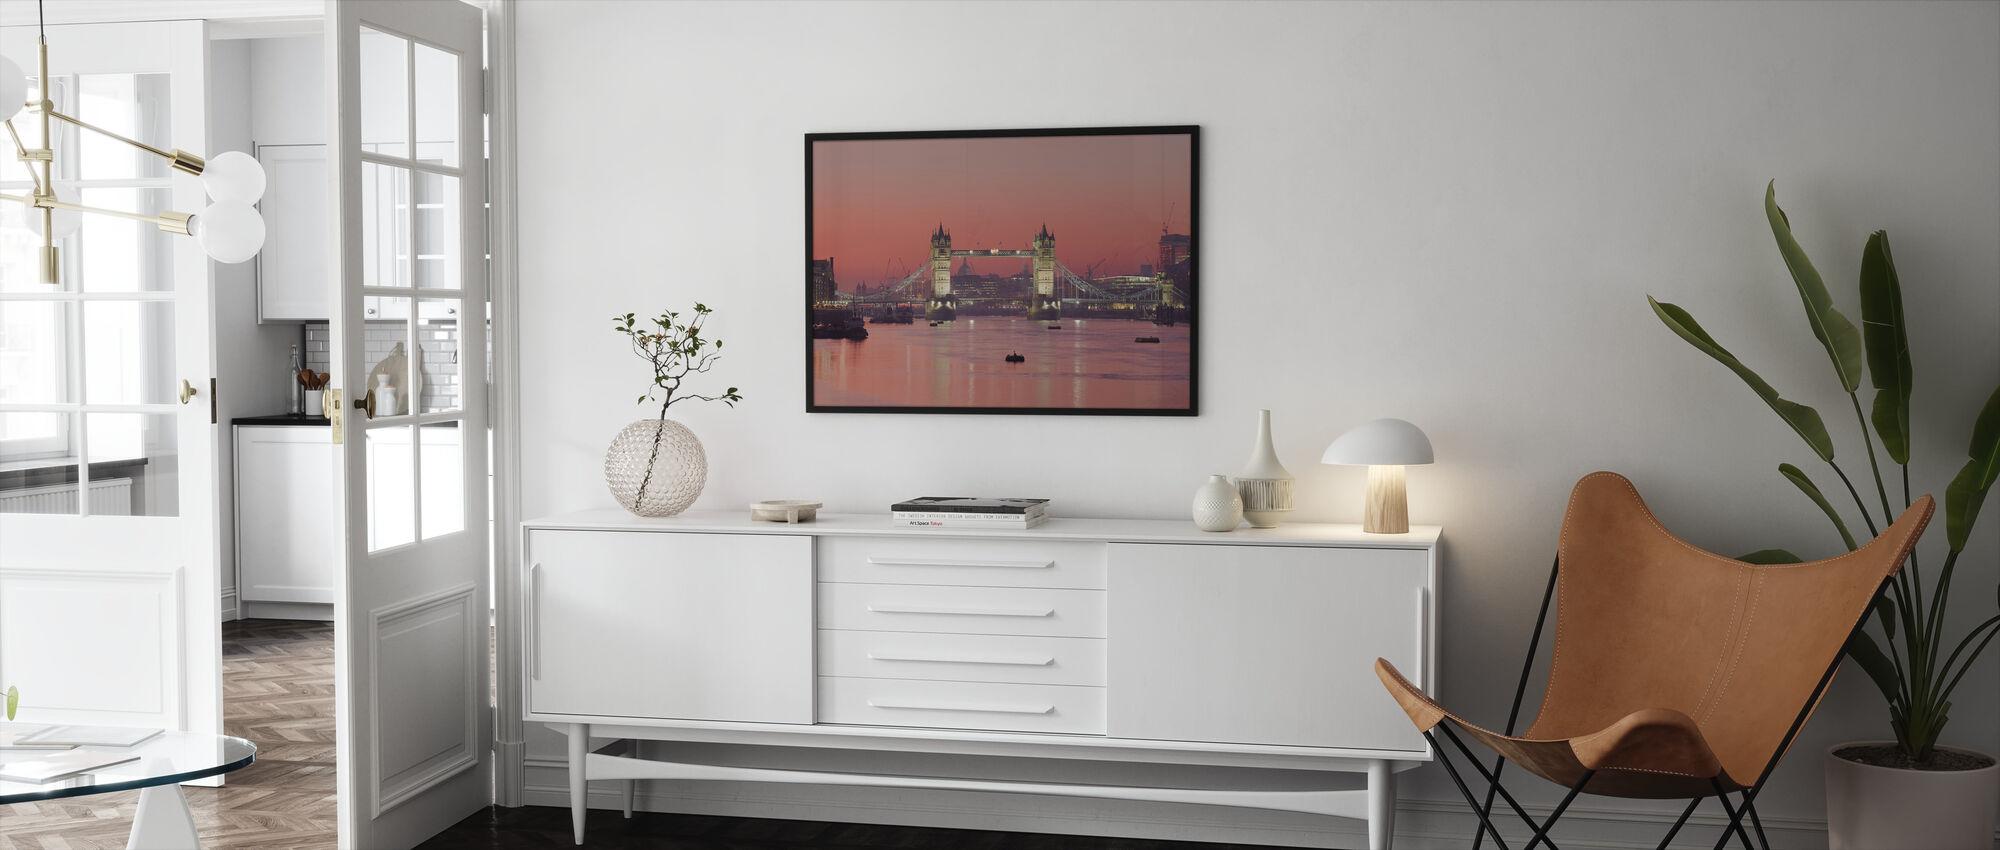 London Skyline in Sunset - Framed print - Living Room